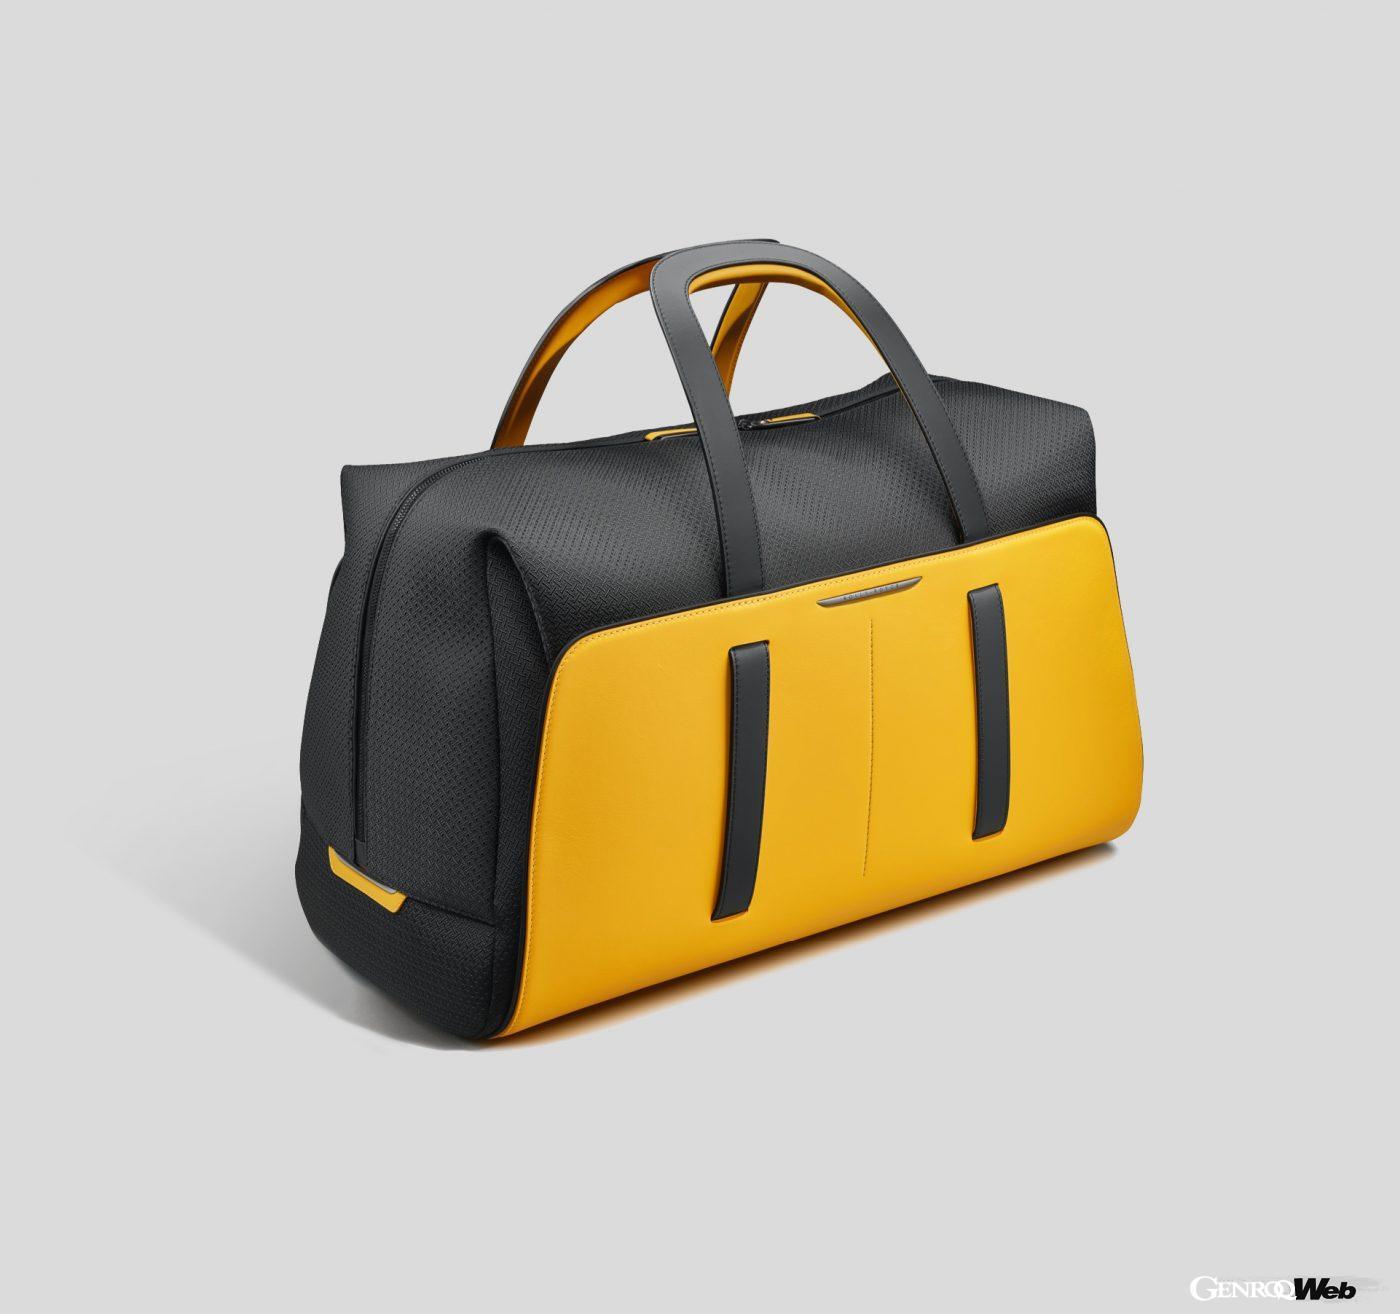 「ロールス・ロイスを「持ち歩く」! 新作バッグコレクションに見るラグジュアリーの新しい姿」の5枚目の画像